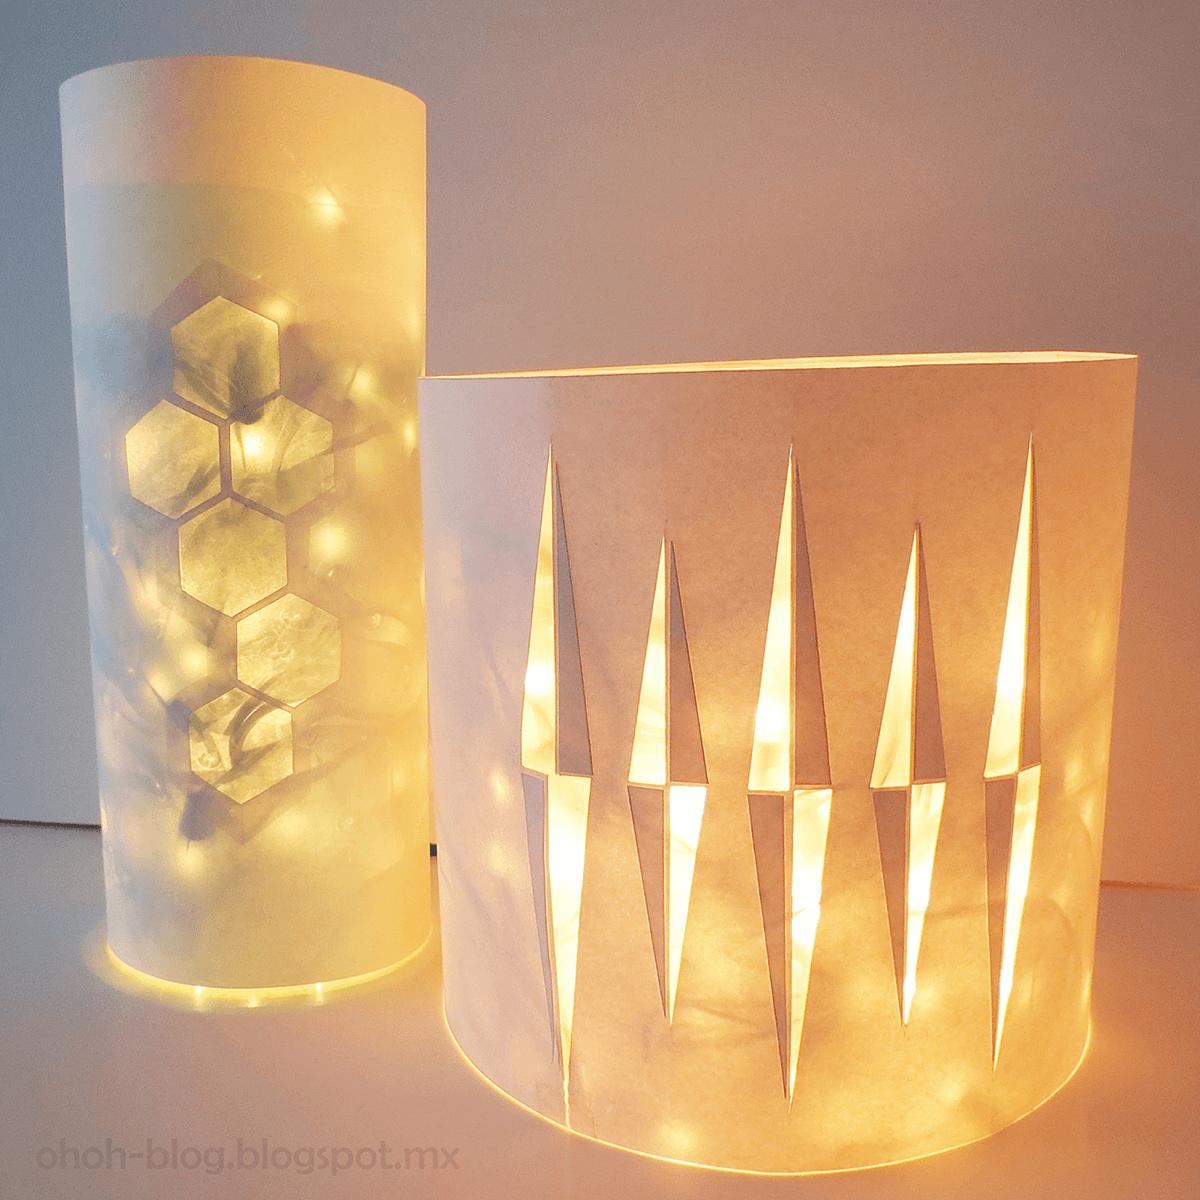 Upcycled LED Fairy Lights Lantern